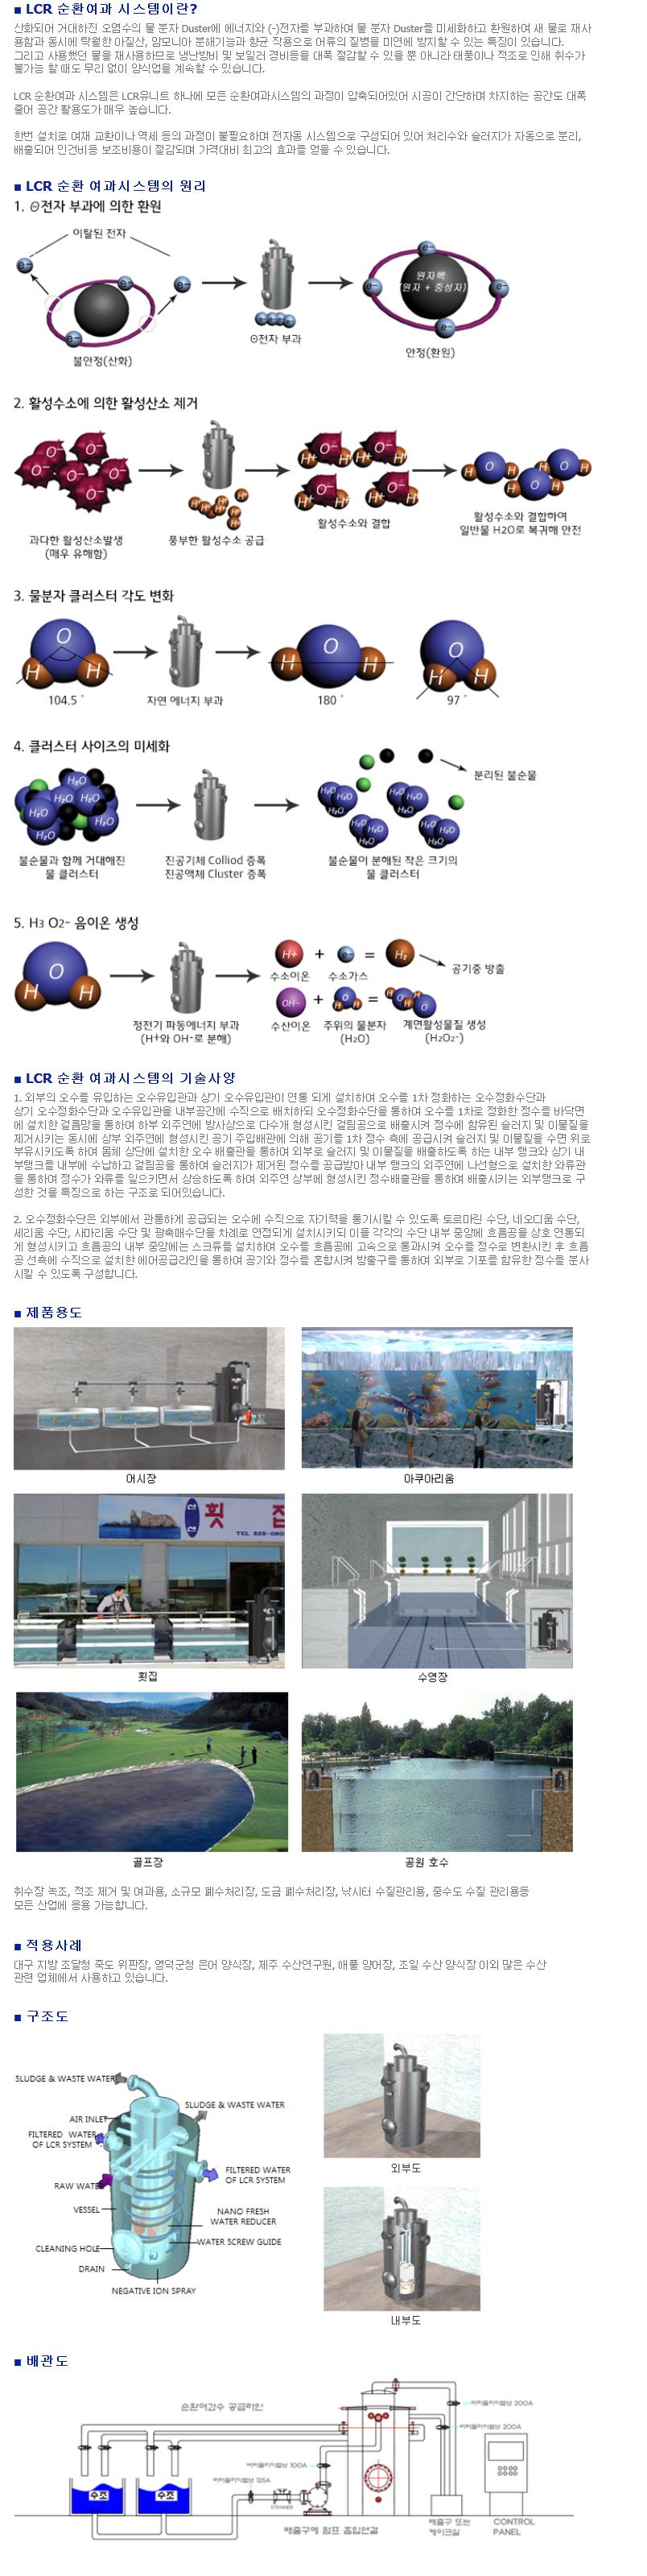 (주)네가트론 LCR 순환여과시스템  1